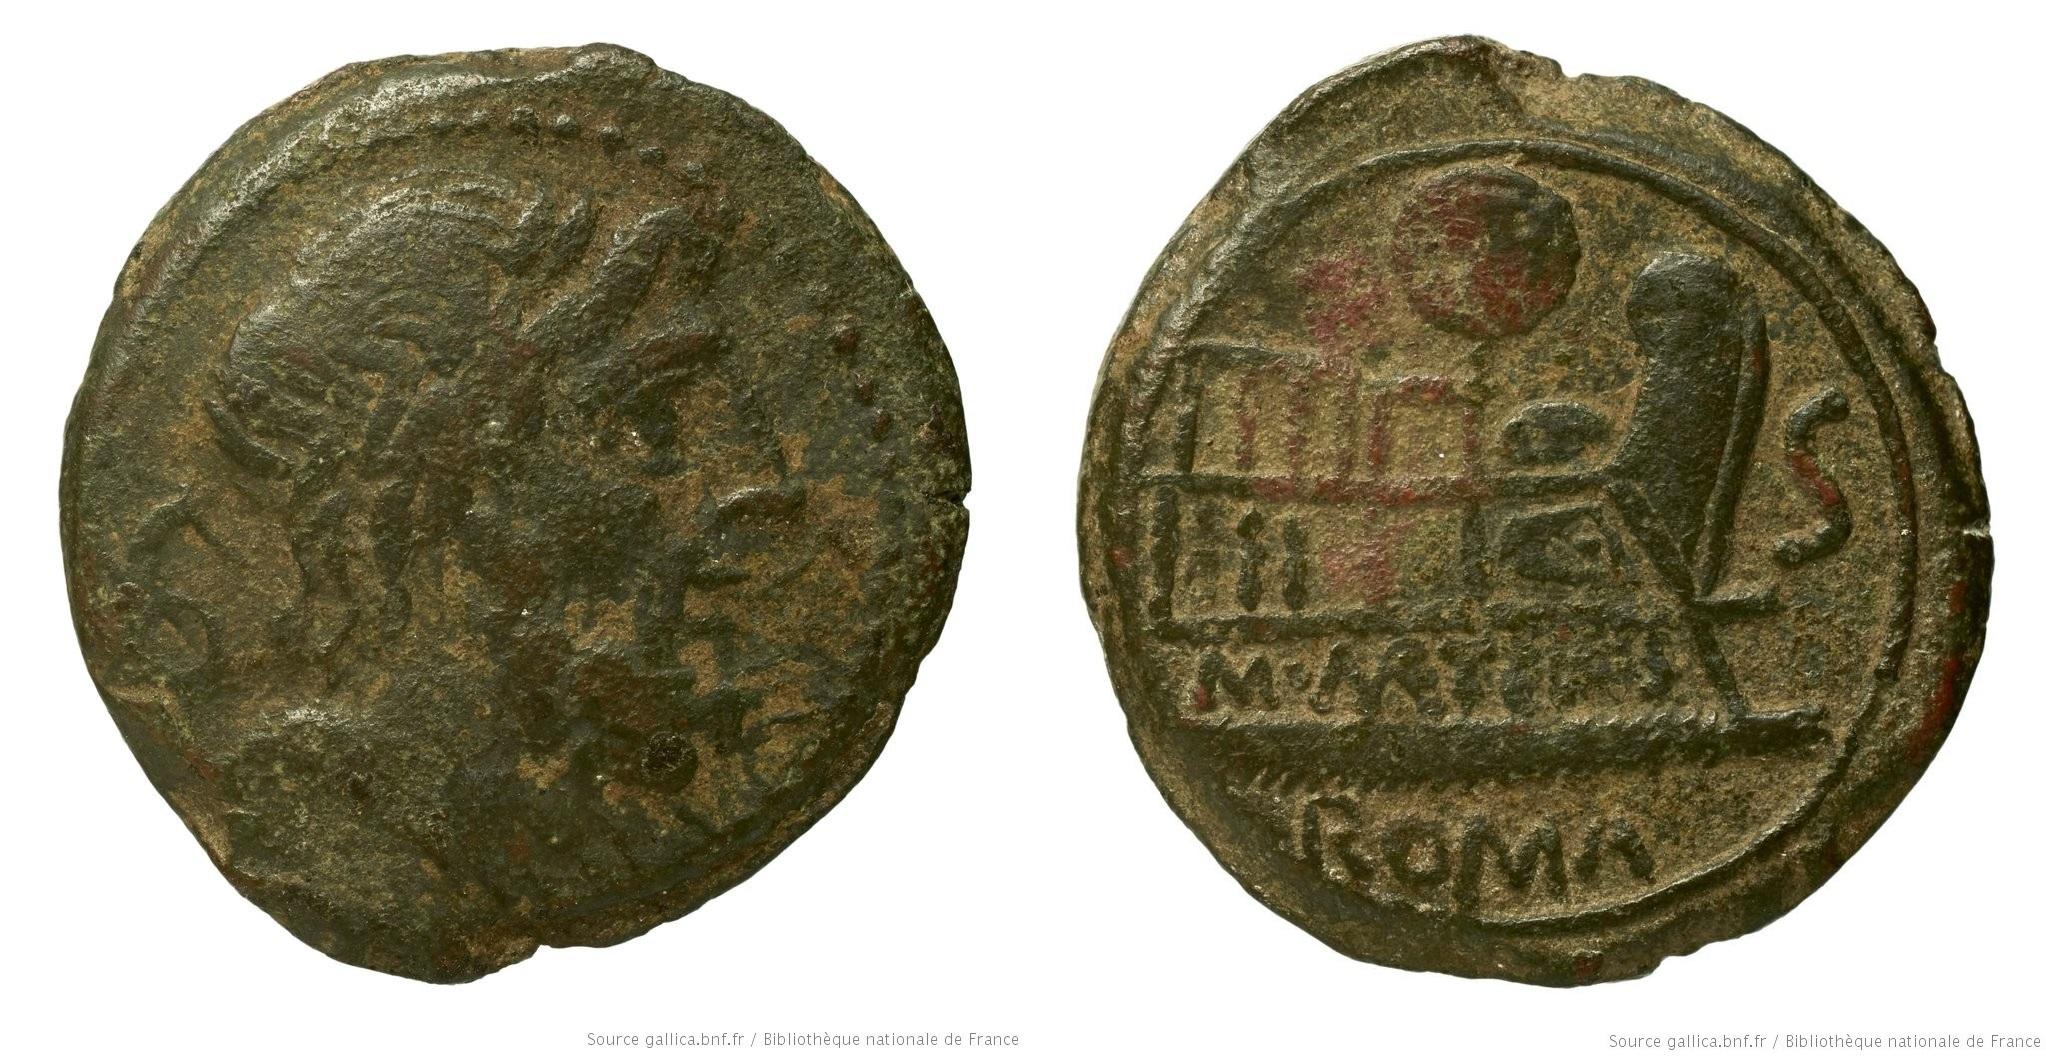 1021CA – Semis Caecilia – Marcus Cæcilius Metellus